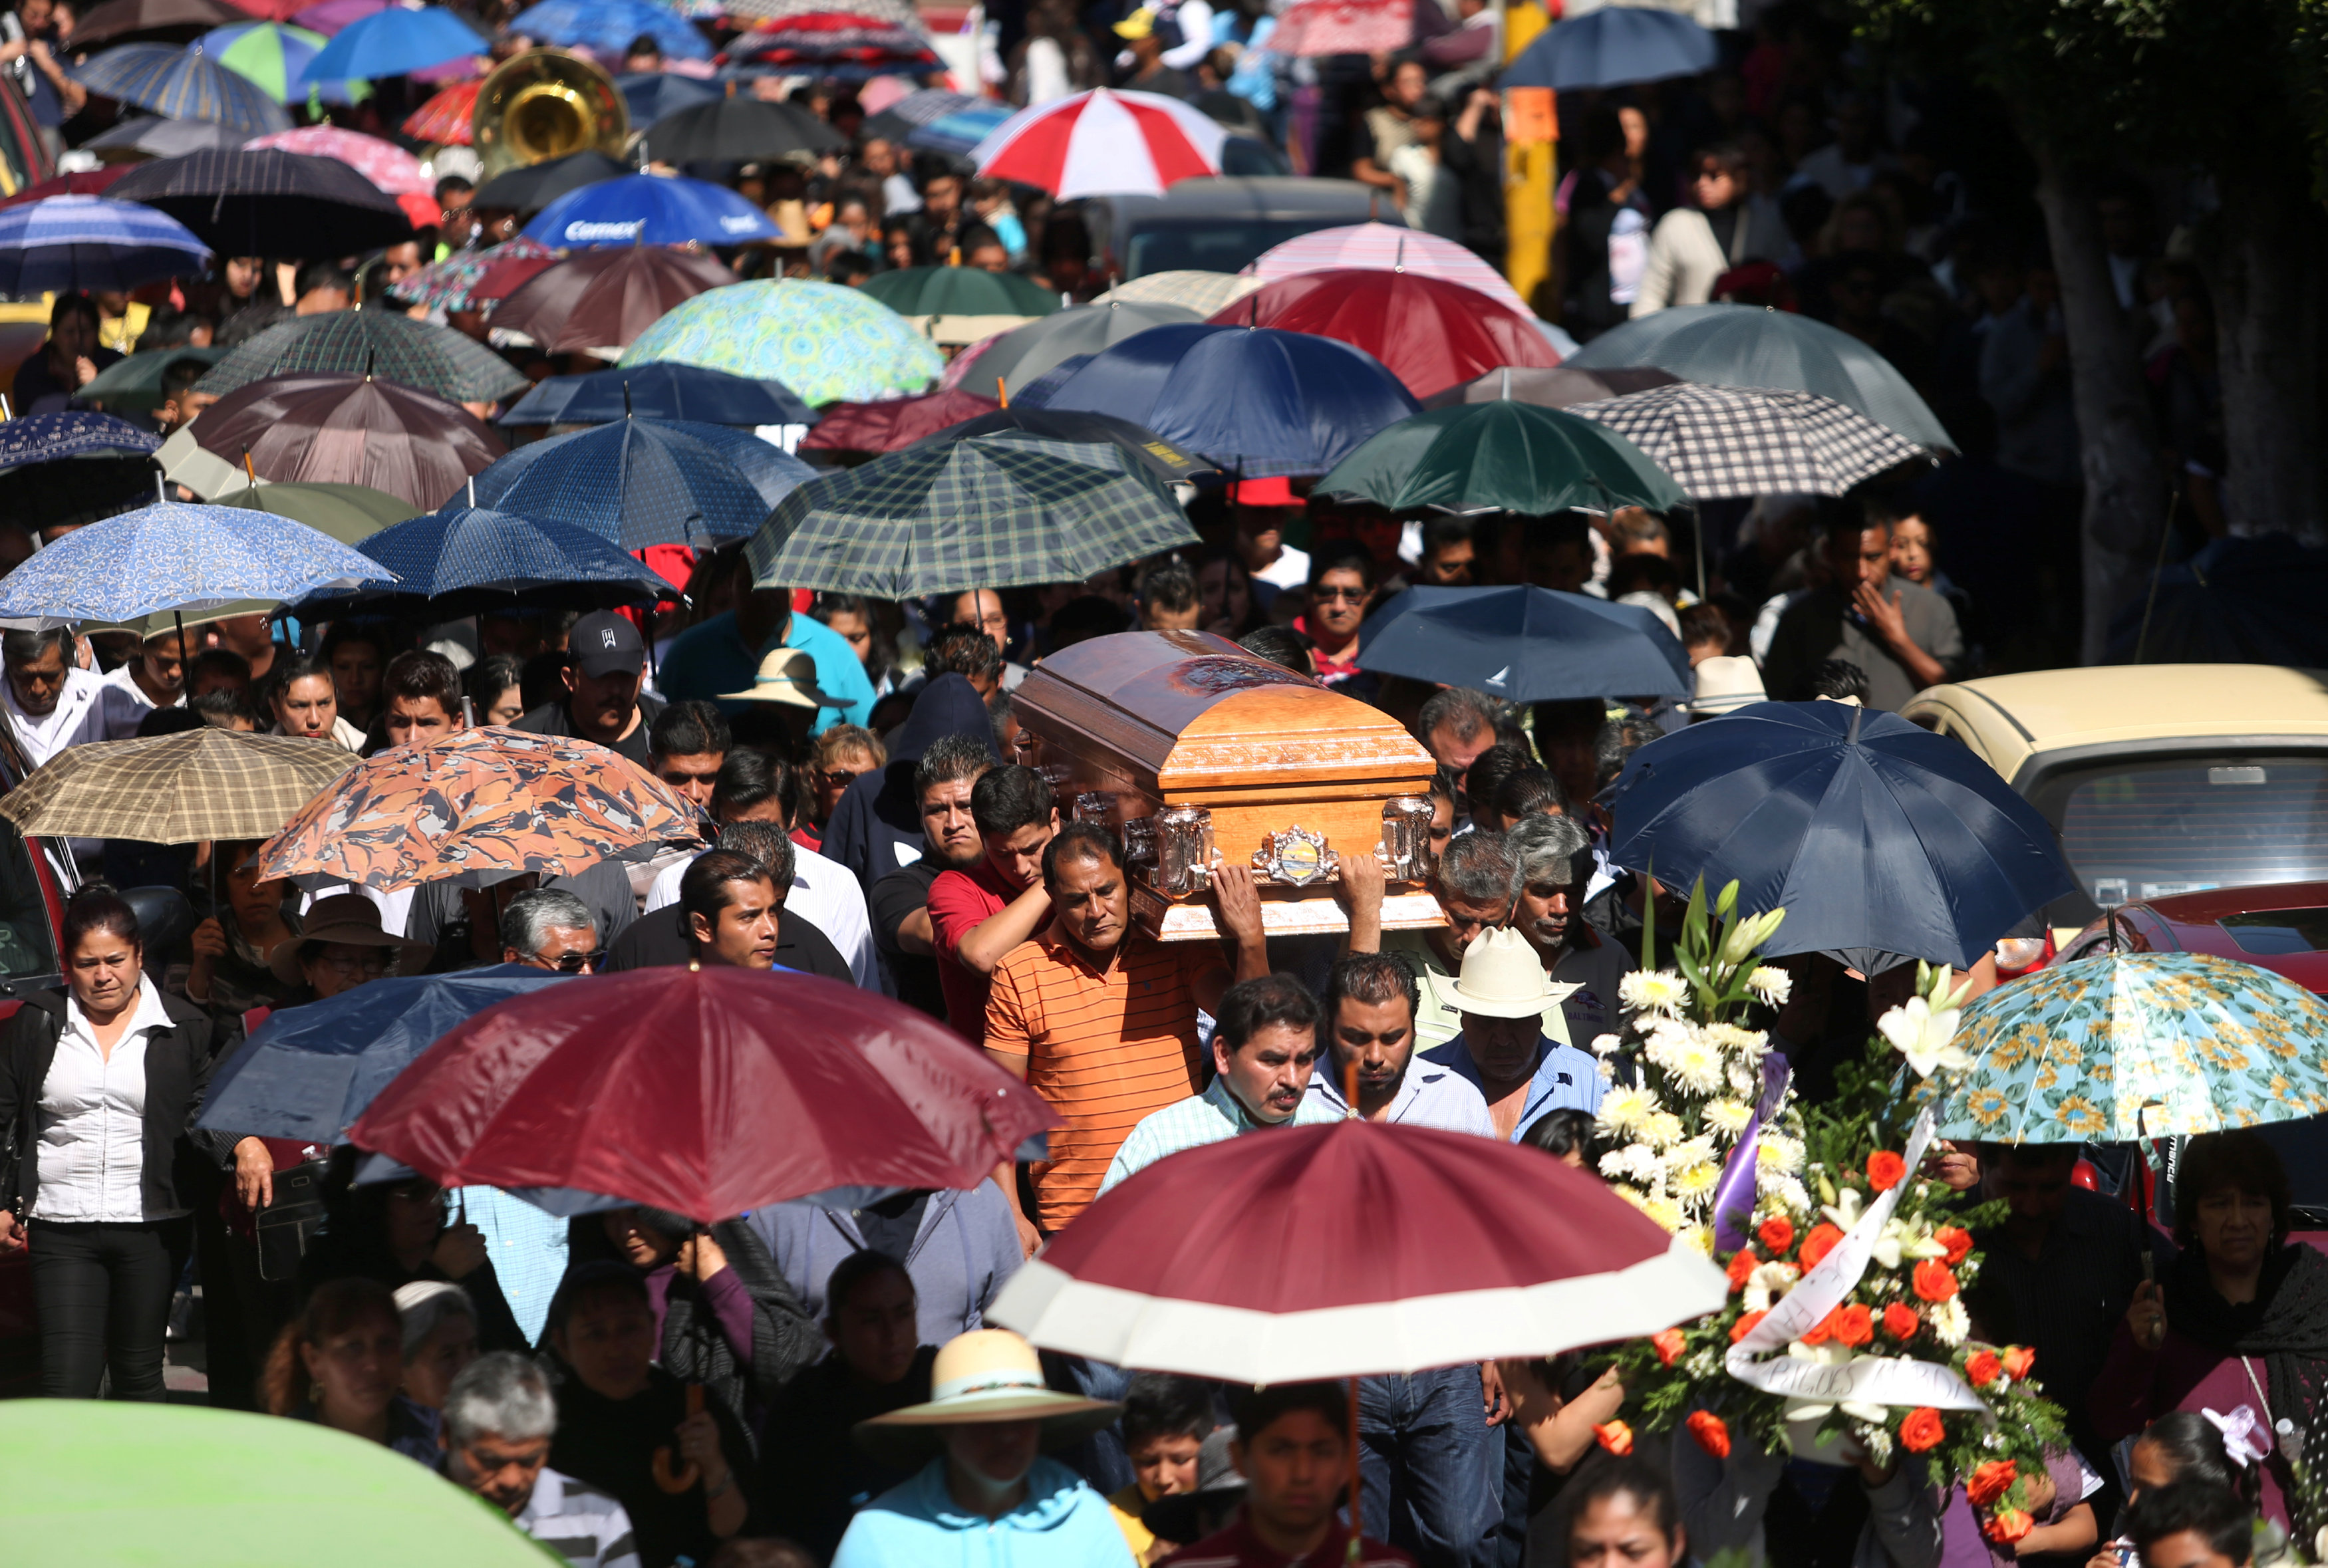 جنازة مهيبة لضحايا انفجار المكسيك